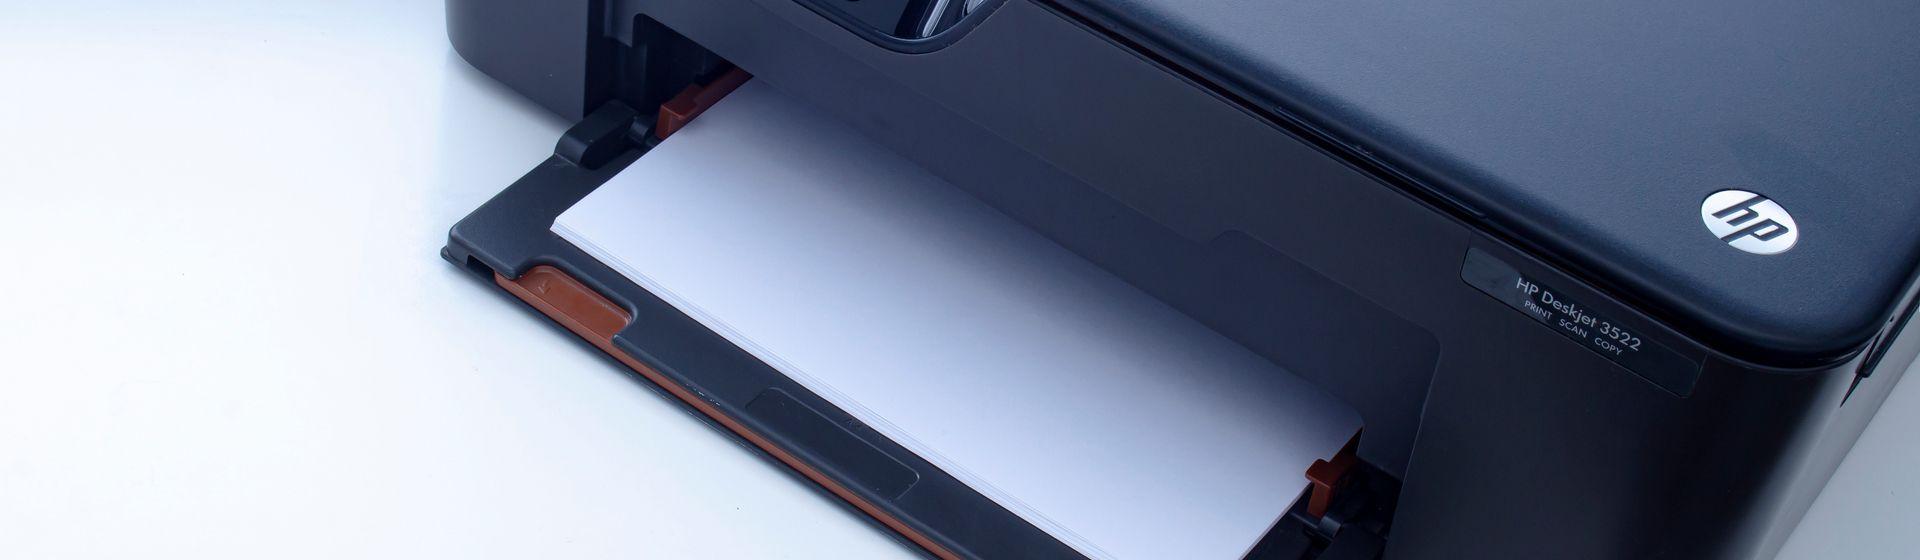 Melhor impressora HP Wi-Fi em 2021: 10 modelos sem fio para comprar